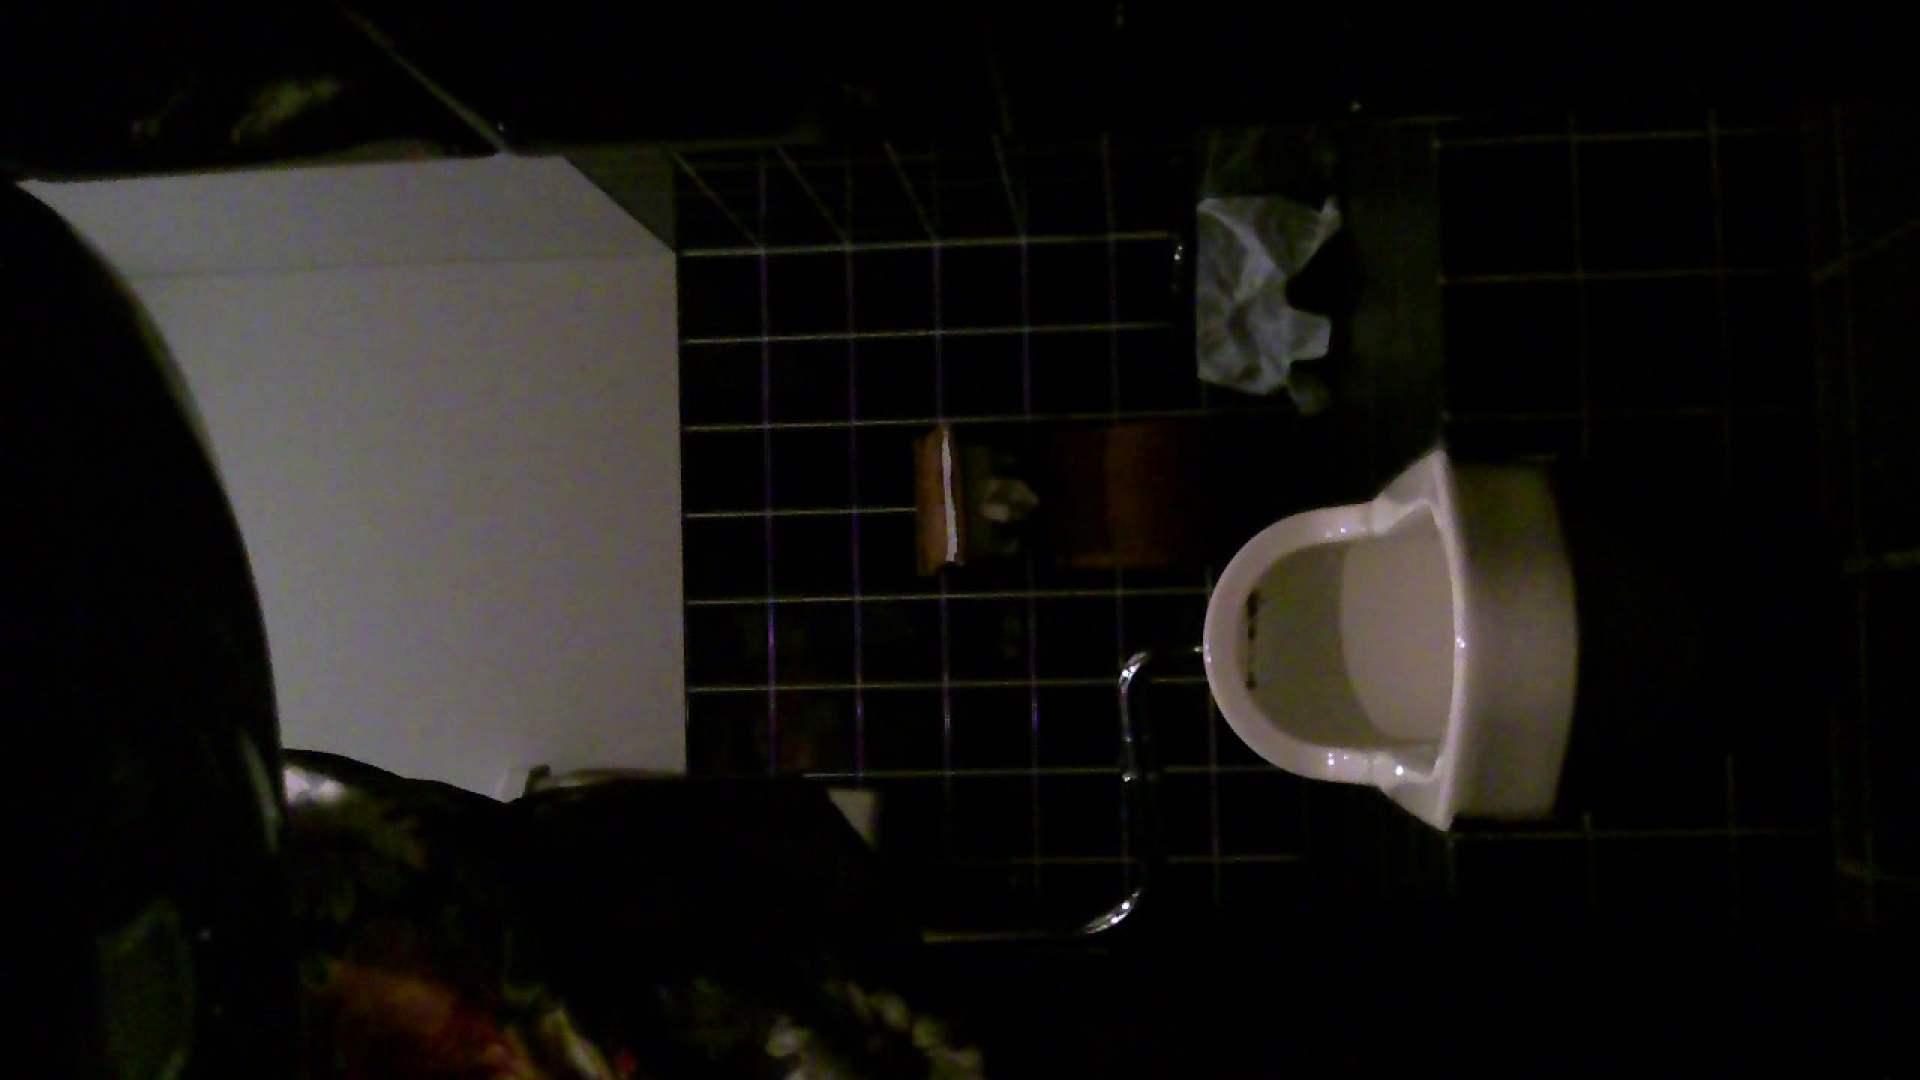 美女の集まる飲み屋洗面所 vol.04 美女エロ画像   OLエロ画像  52PICs 5